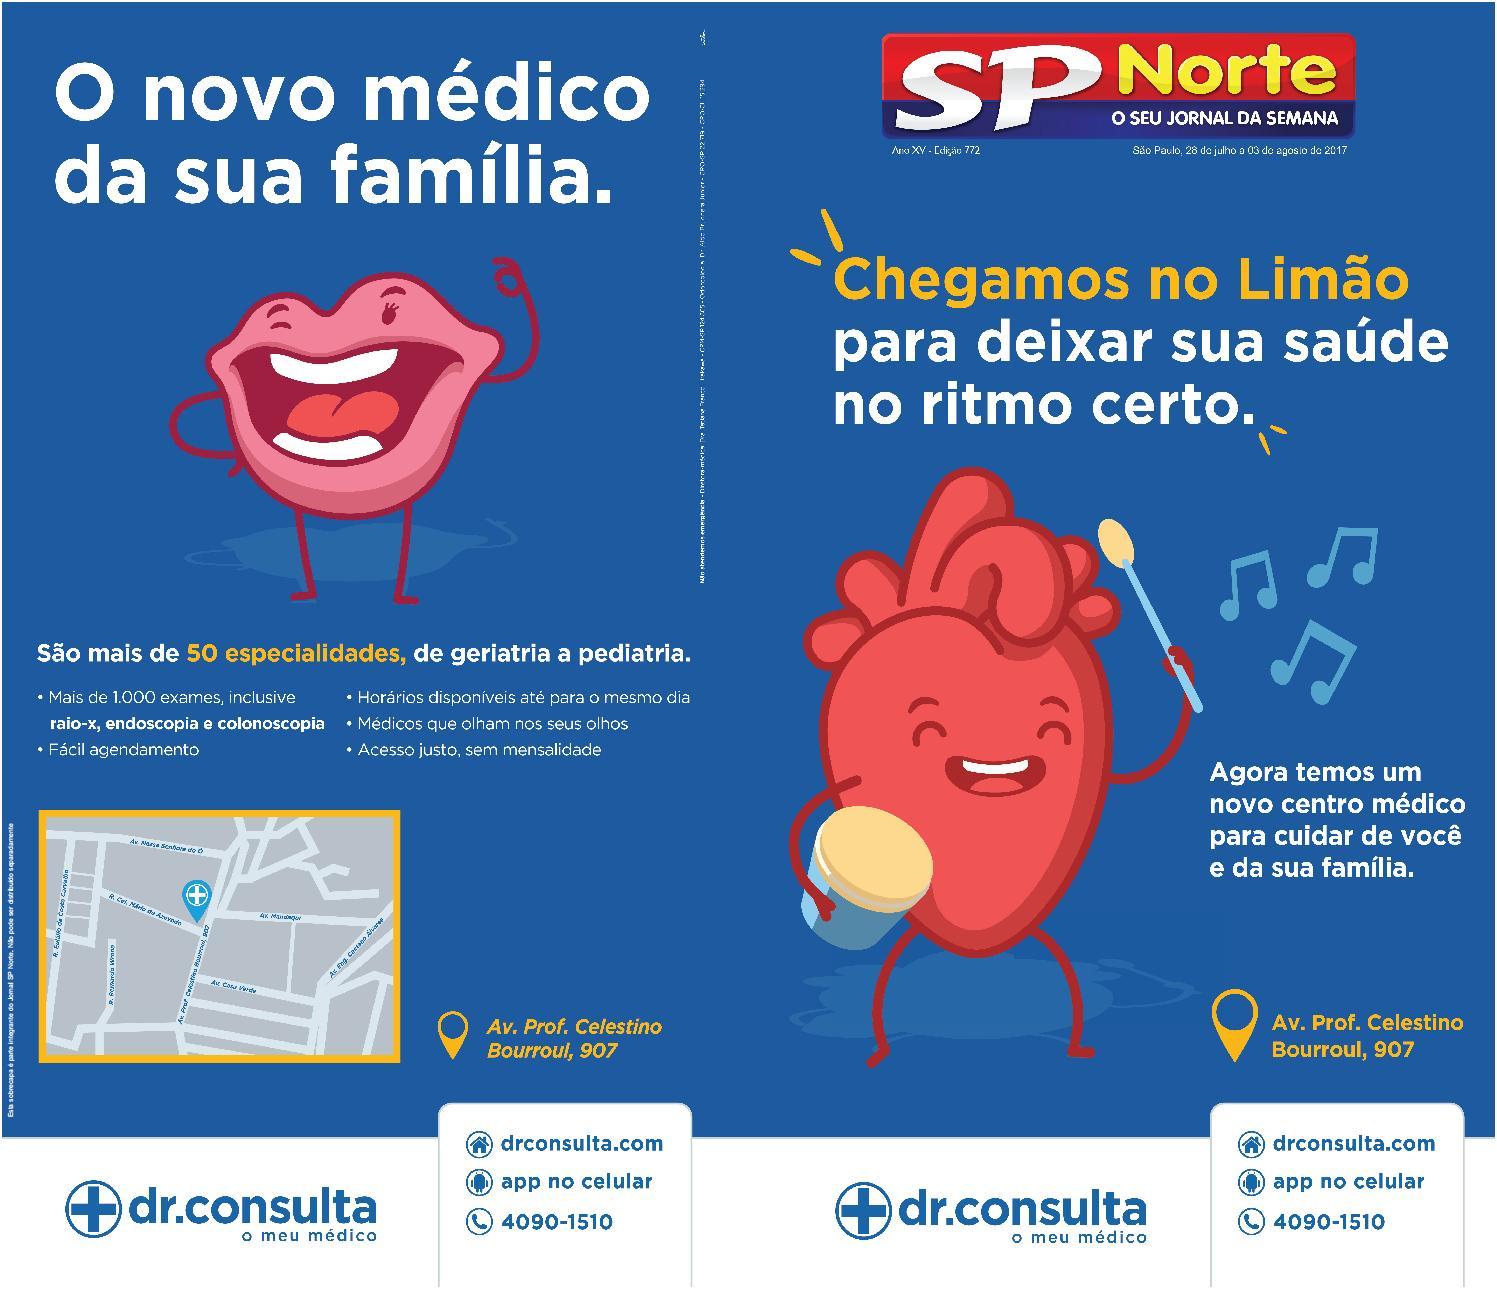 b11e1527fd6a7 Edição 772 - 28 de julho a 3 de agosto de 2017 by Jornal SP Norte - issuu